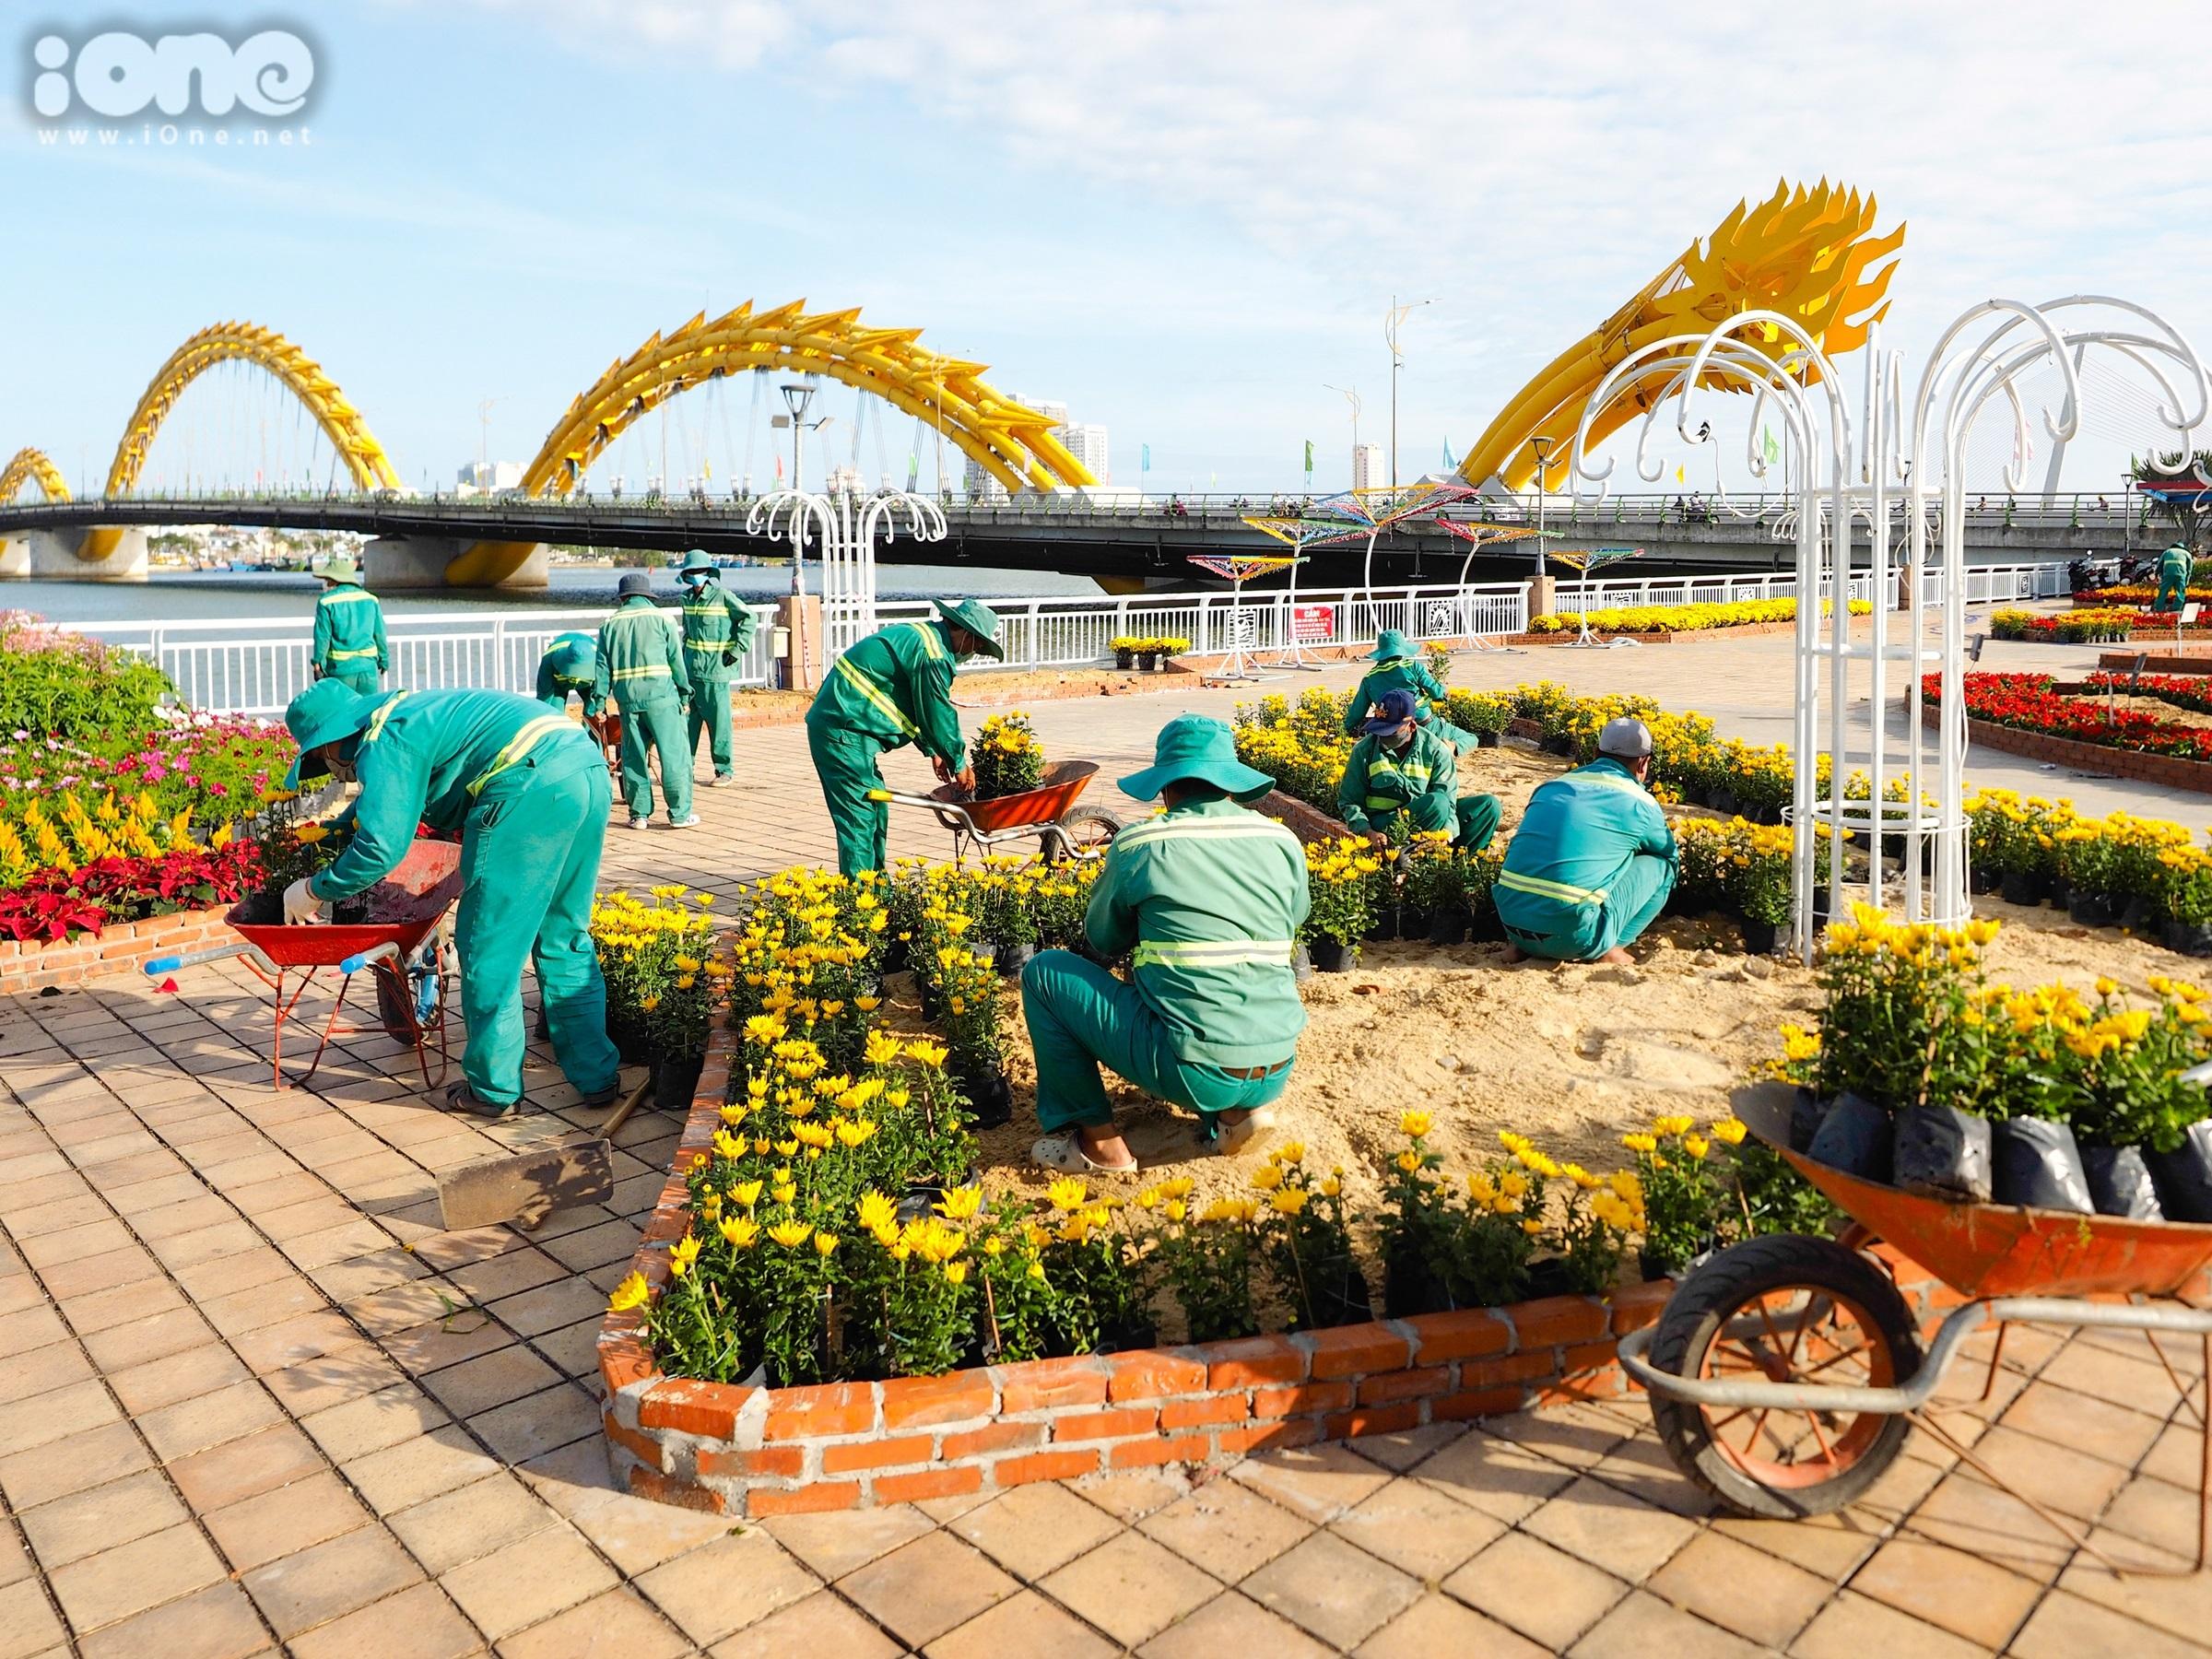 Đường hoa 12 tỷ đồng với nhiều tiểu cảnh hoàng tráng ở Đà Nẵng - 4